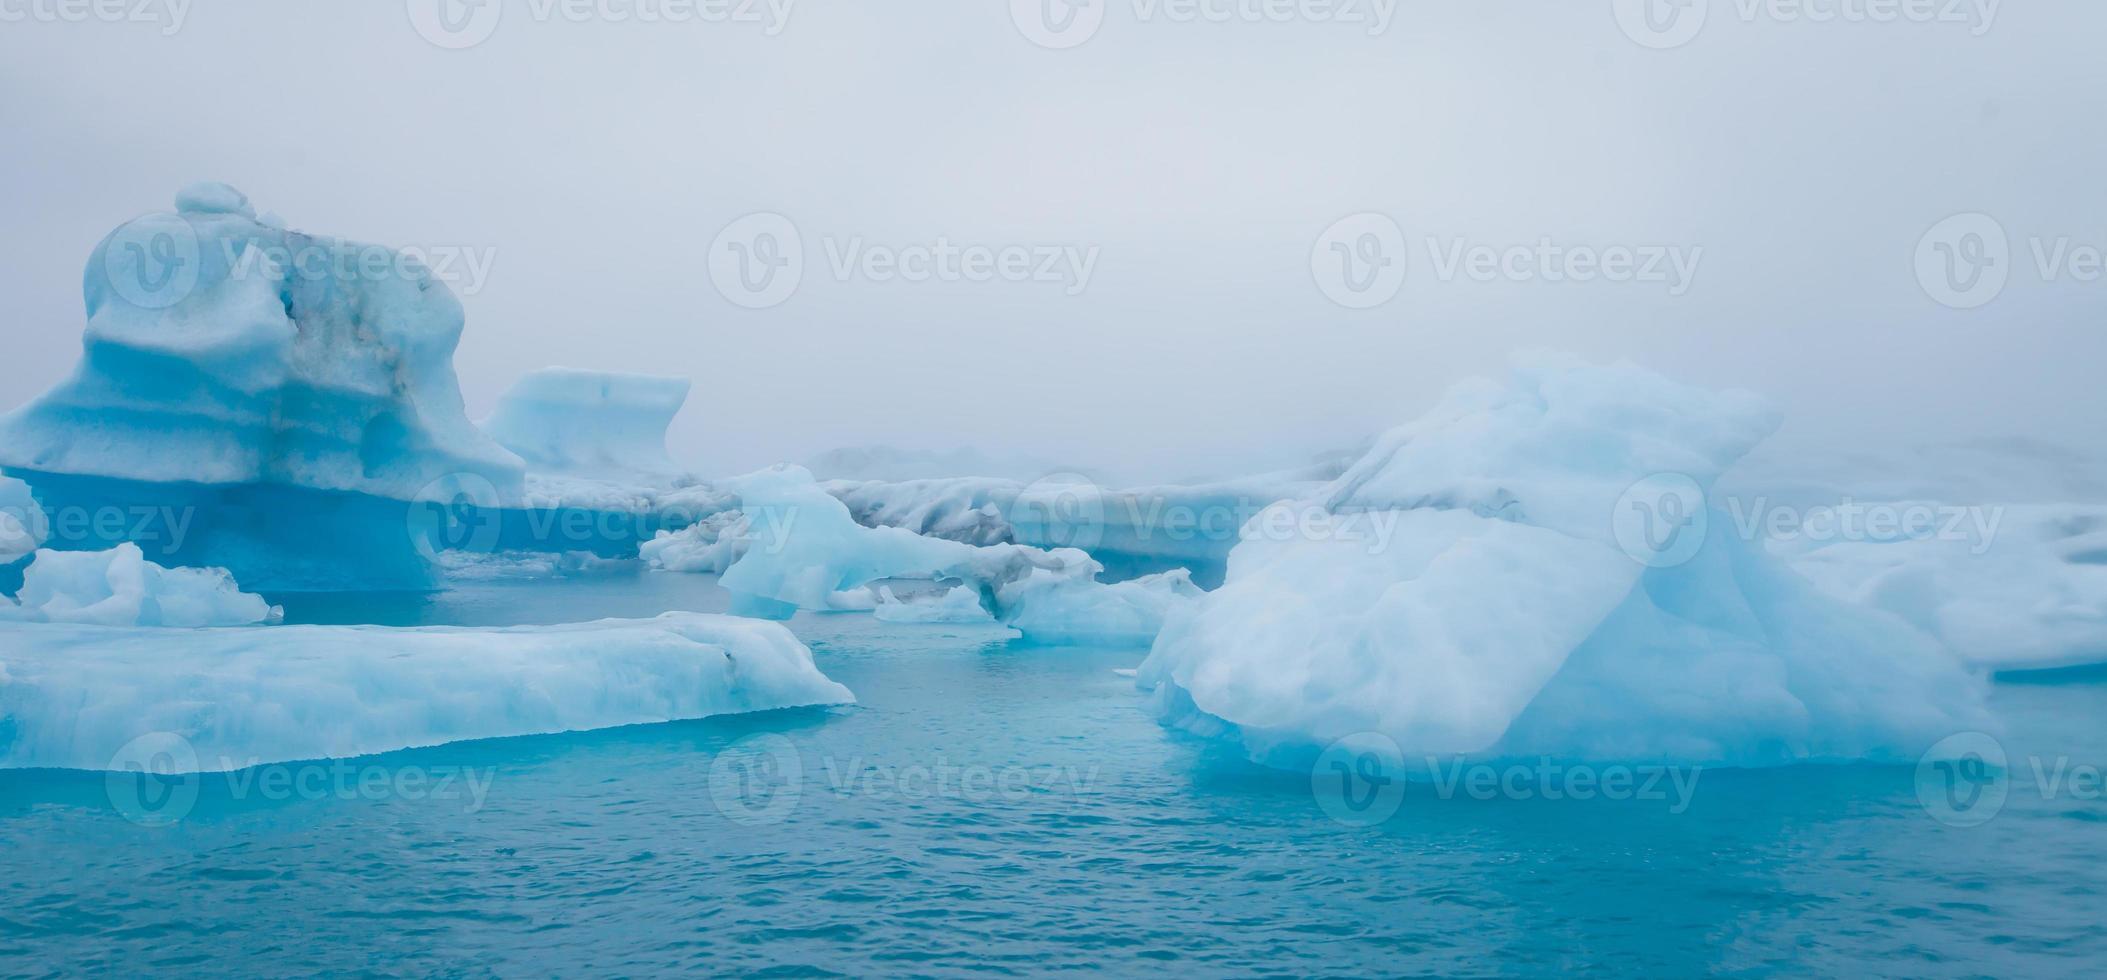 schönes lebendiges Bild des isländischen Gletschers und der Gletscherlagune mit foto